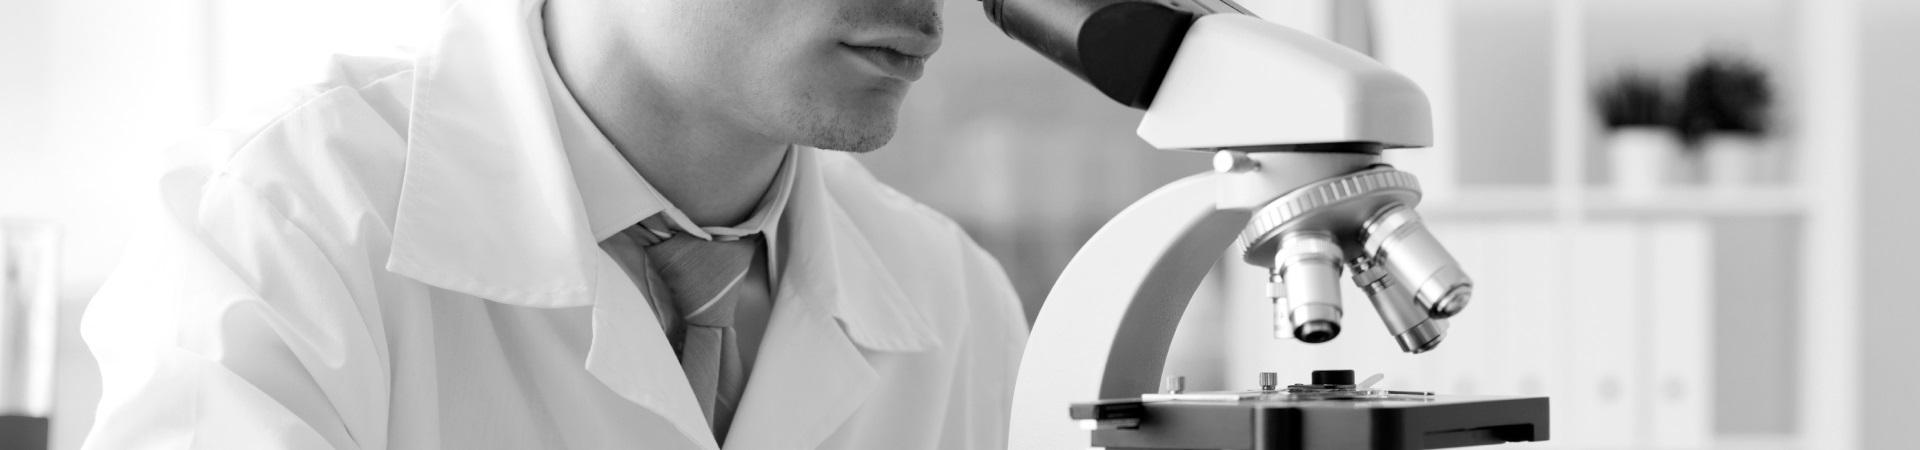 Banner de topo - Curso de Biomedicina